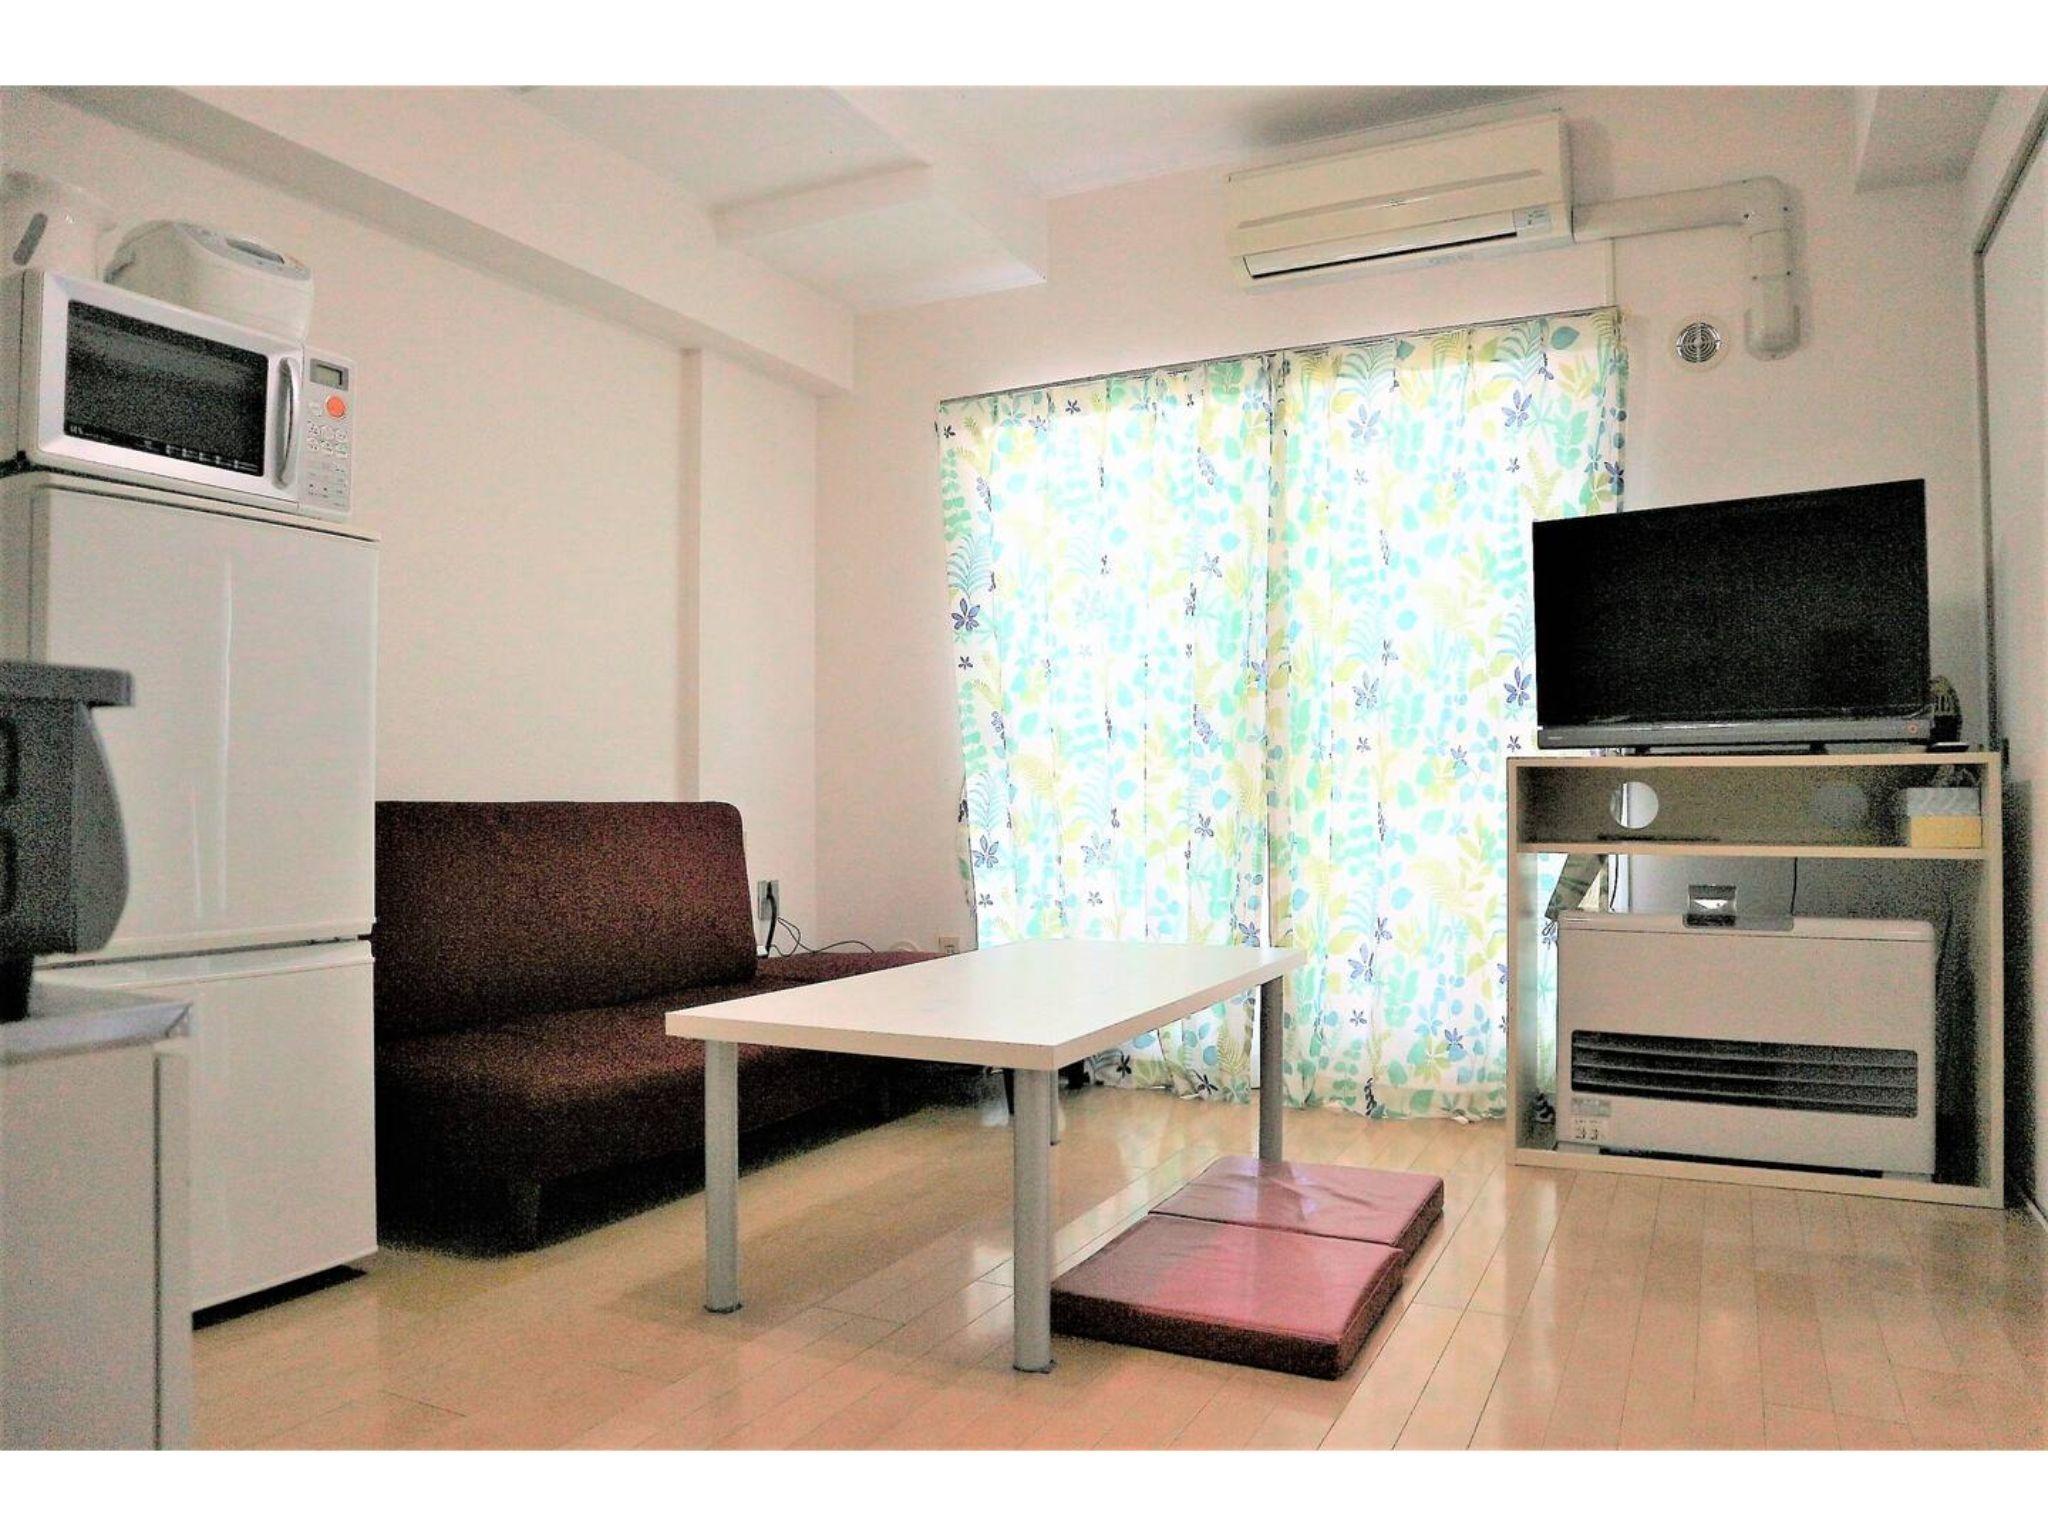 人気の中島公園エリアのマンション♪50m2 リバービューで眺望良好!美室☆(801)